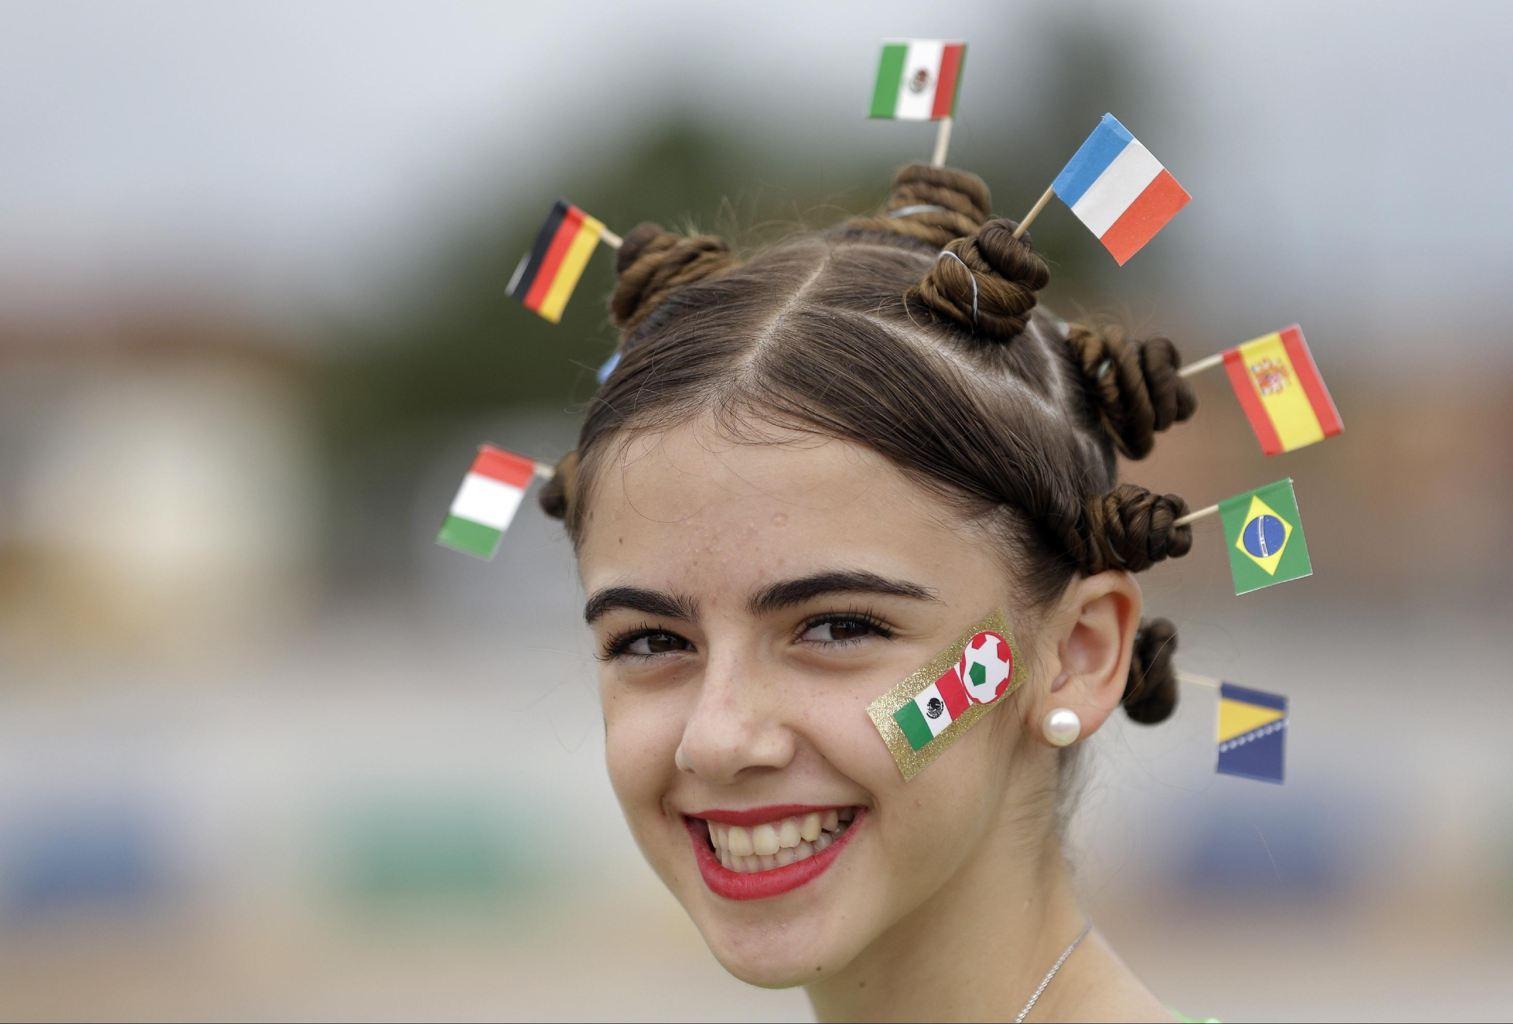 عکس دختر خندان جام جهانی 2014,عکس های بدون سانسور جام جهانی 2014